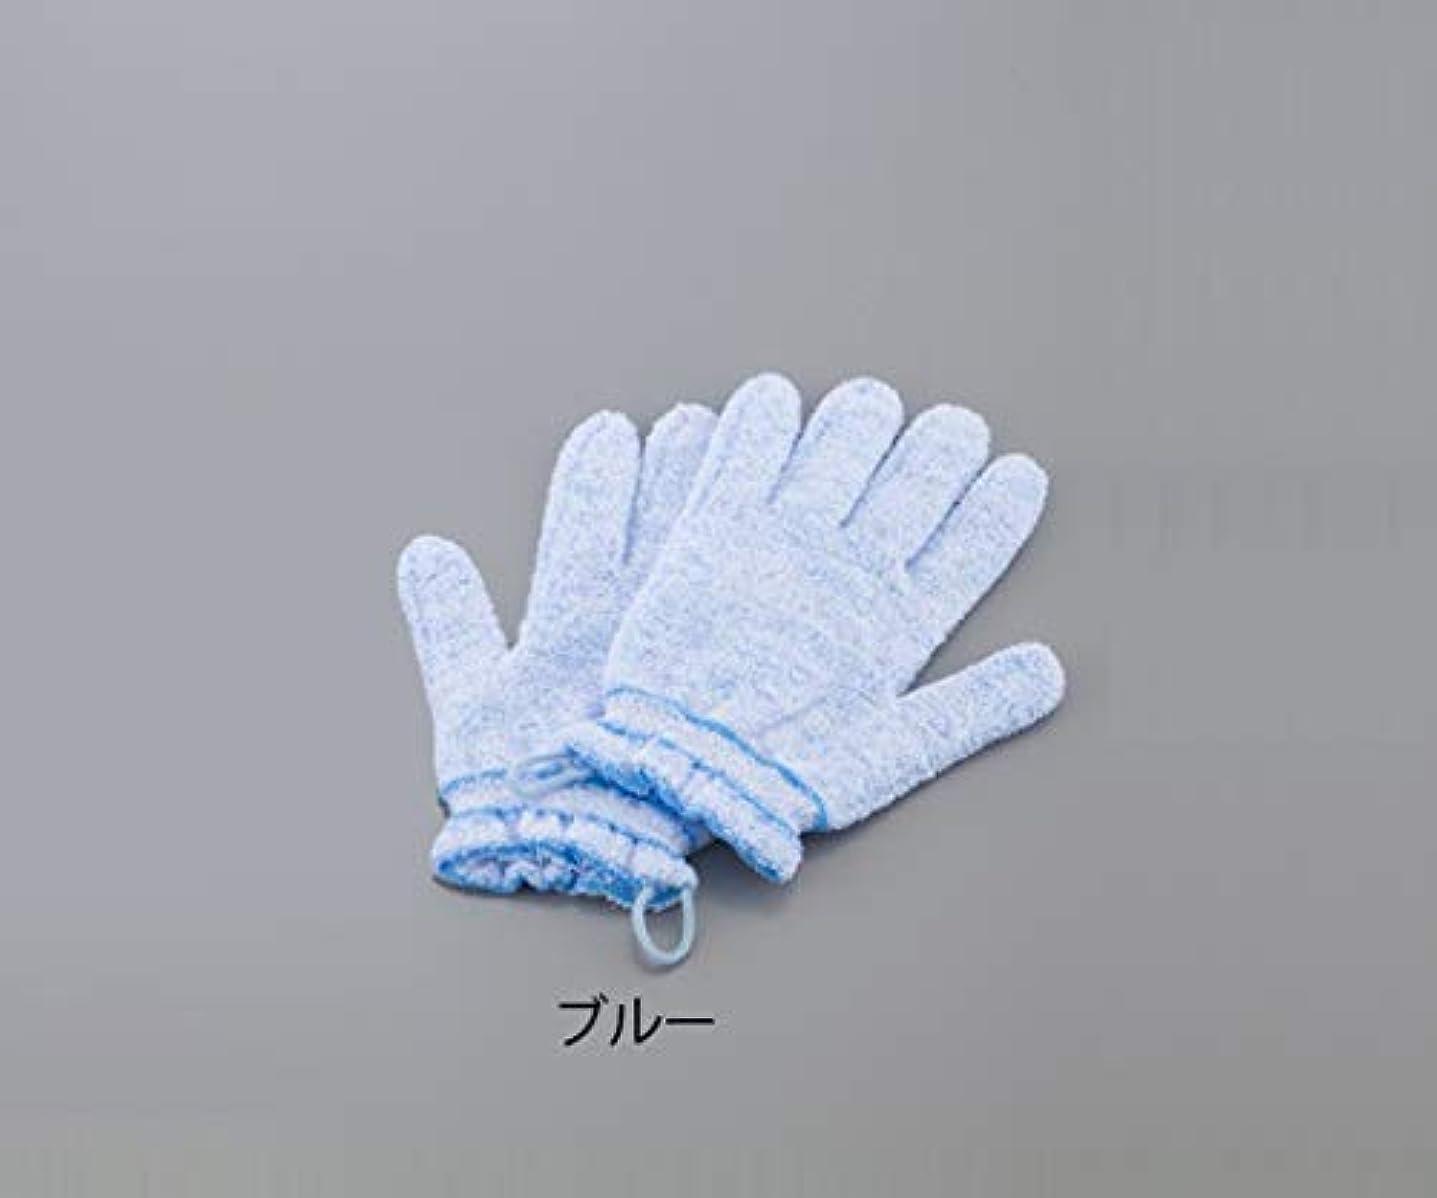 餌バブル自分の0-4015-02浴用手袋(やさしい手)ブルー